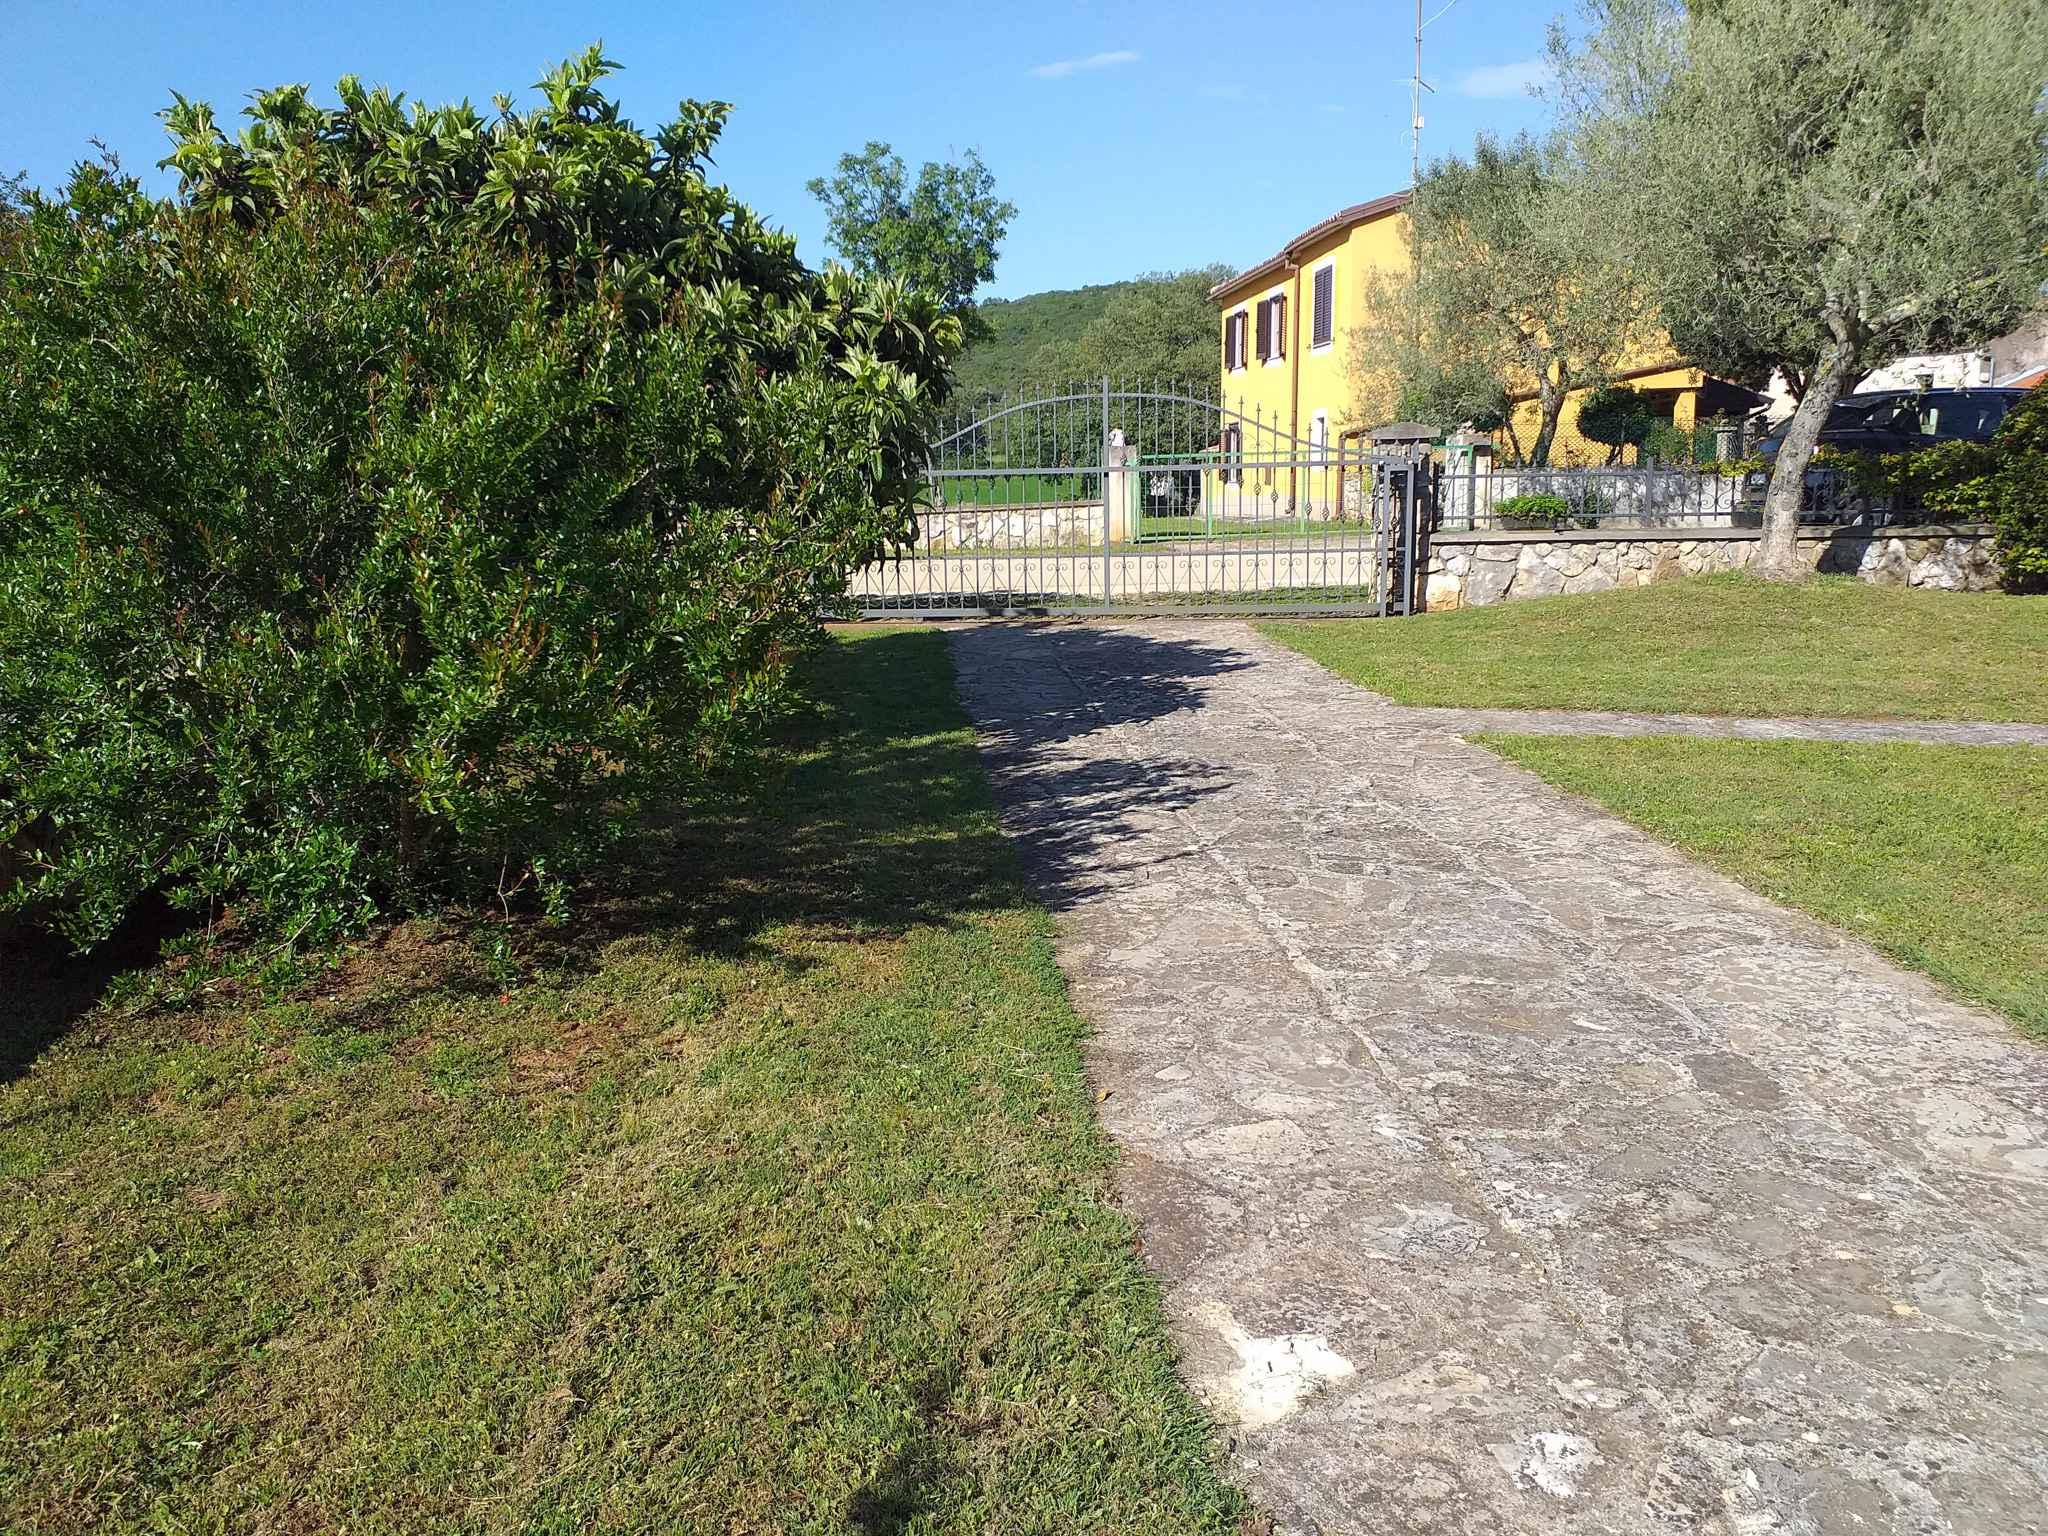 Ferienhaus mit Garten, 2,5km vom Meer entfernt (281005), Rovinj, , Istrien, Kroatien, Bild 9